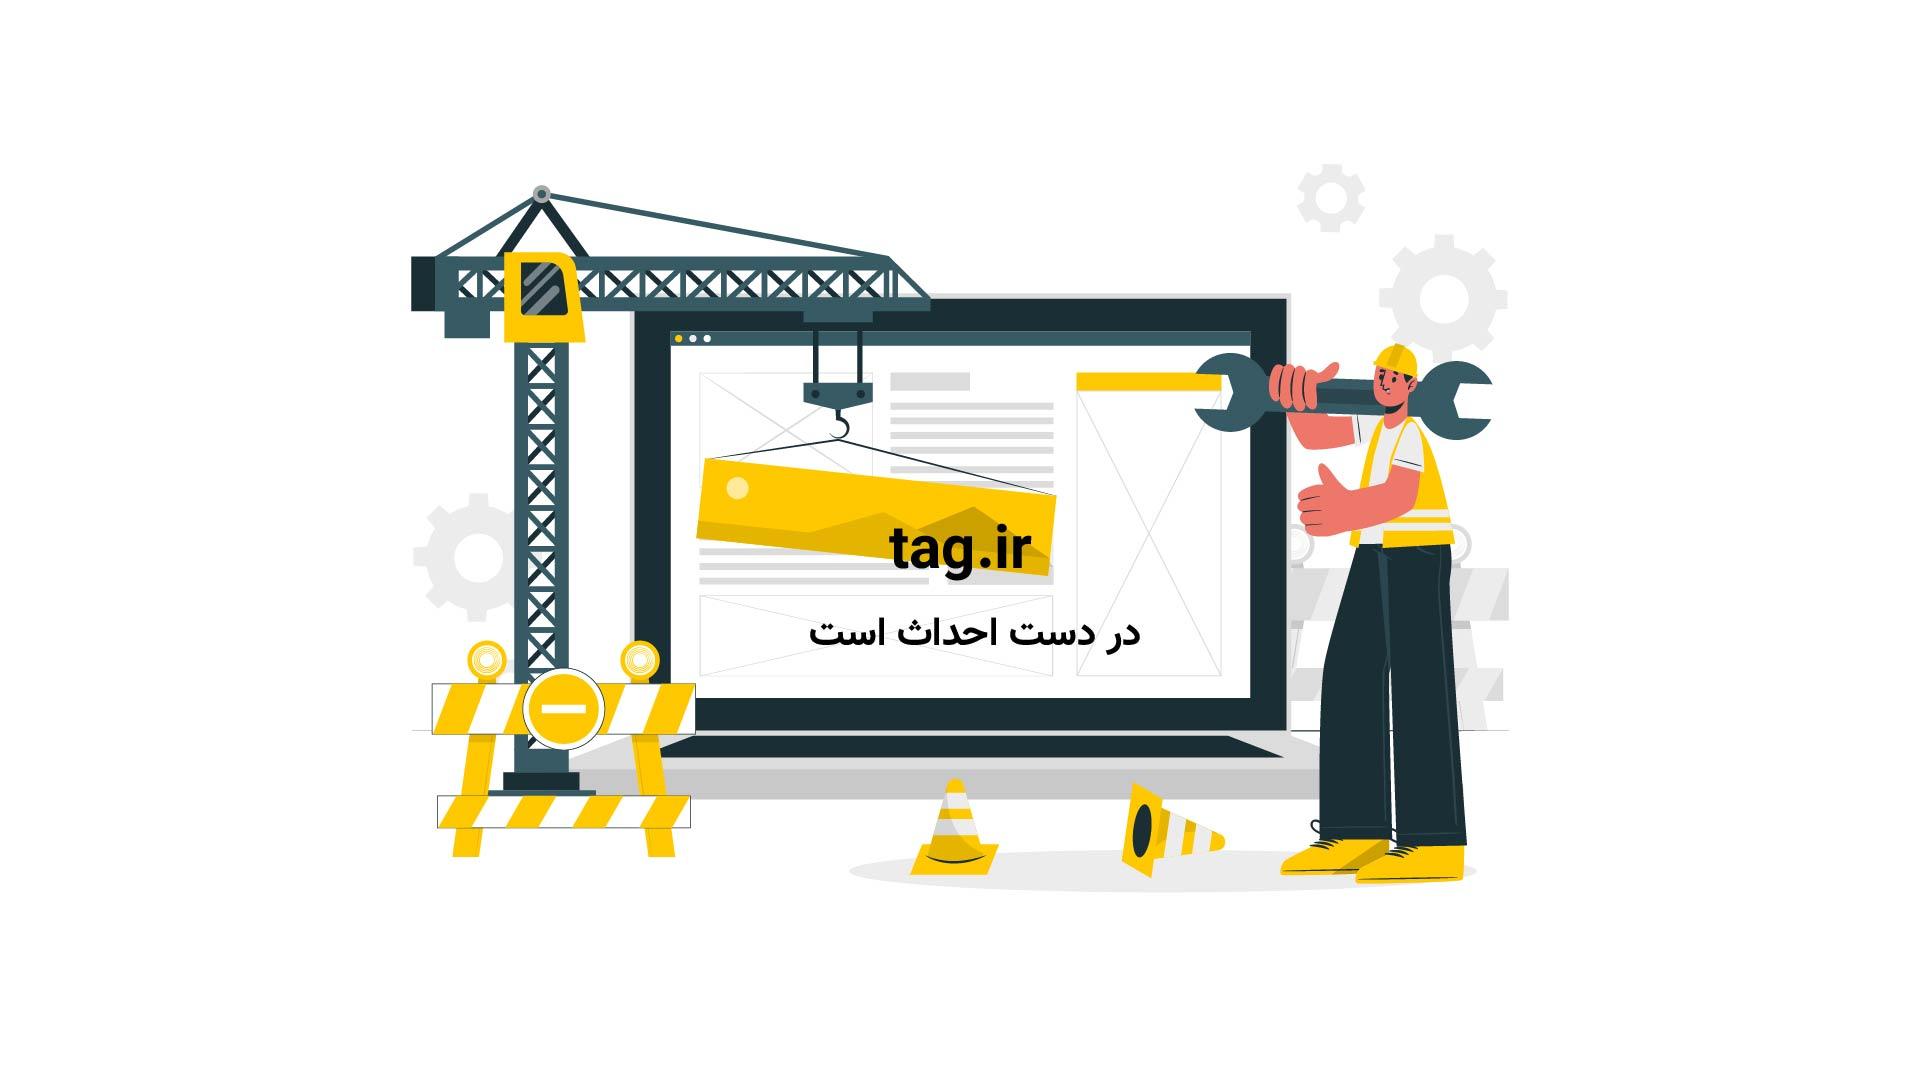 بارش شدید باران و طوفان گرد و خاک در نیکشهر استان سیستان و بلوچستان + فیلم